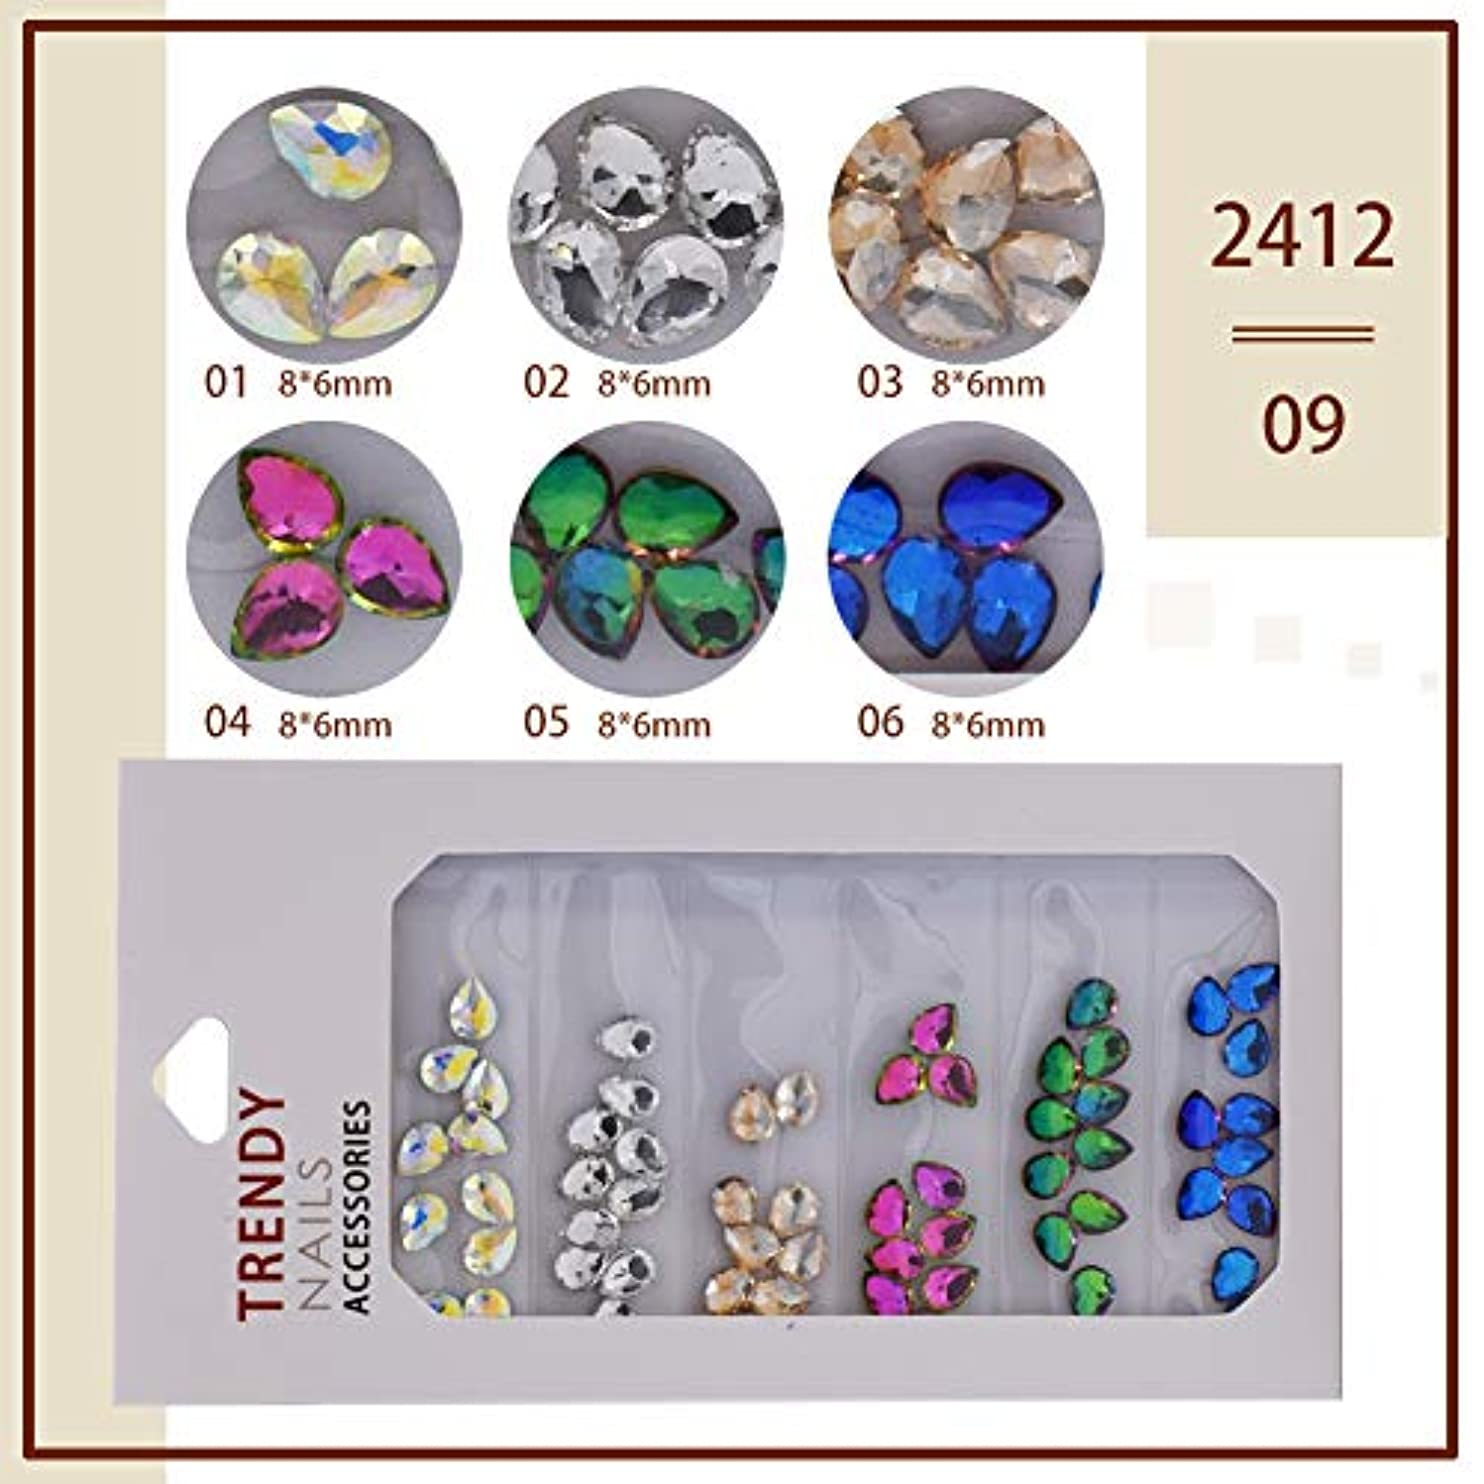 シーボード着実にユニークなメーリンドス 3Dネイルアートデザイン ネイルストーンクリスタルビジューパーツ カラフルネイルパーツ レジン用ジェルネイル プロデコレーション宝石ストーン 6種選択可能 (2412-09)